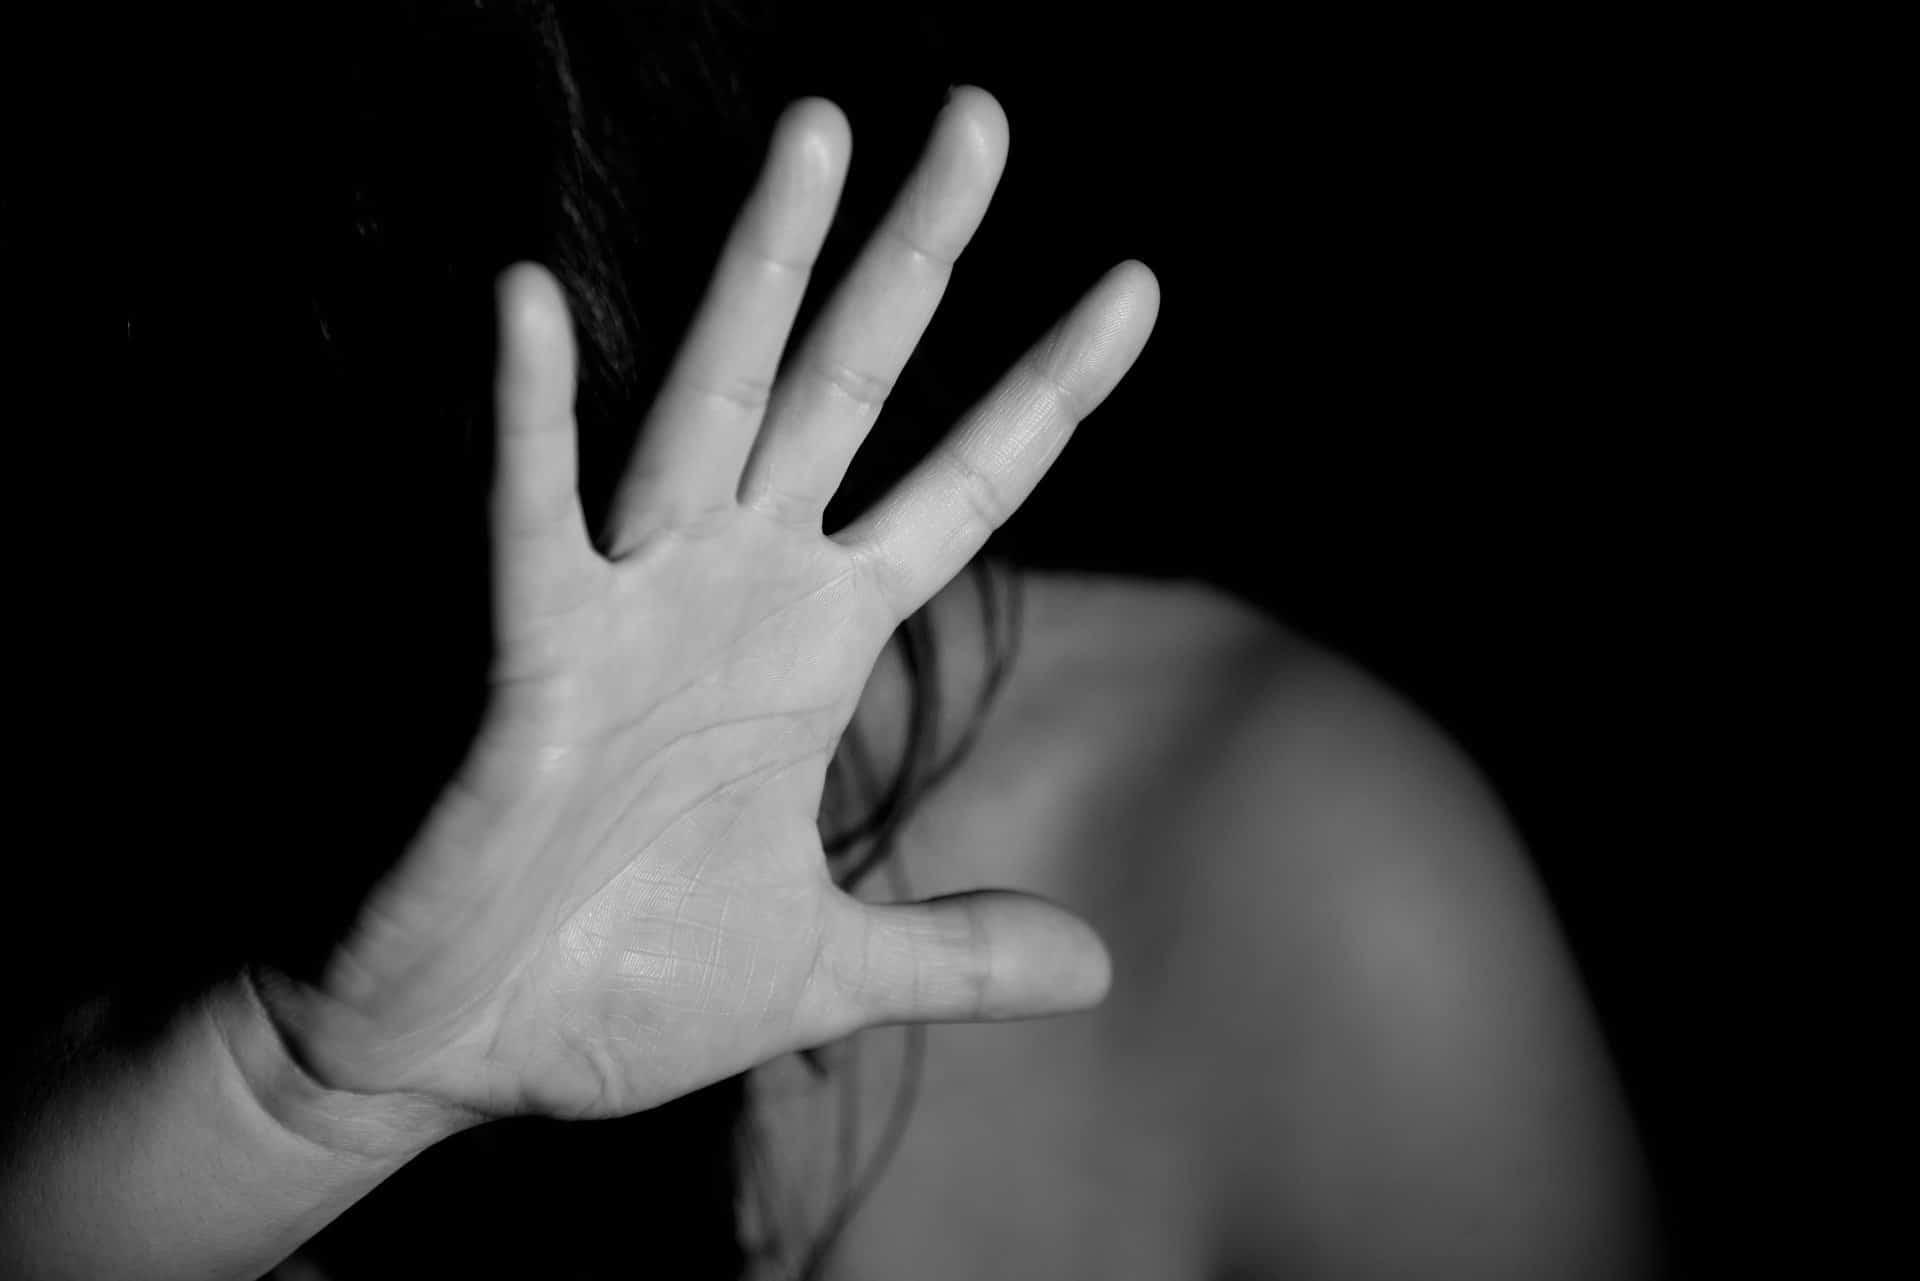 """Ragazza denuncia stupro di gruppo, il padre difende i ragazzi: """"Lei era ubriaca"""""""